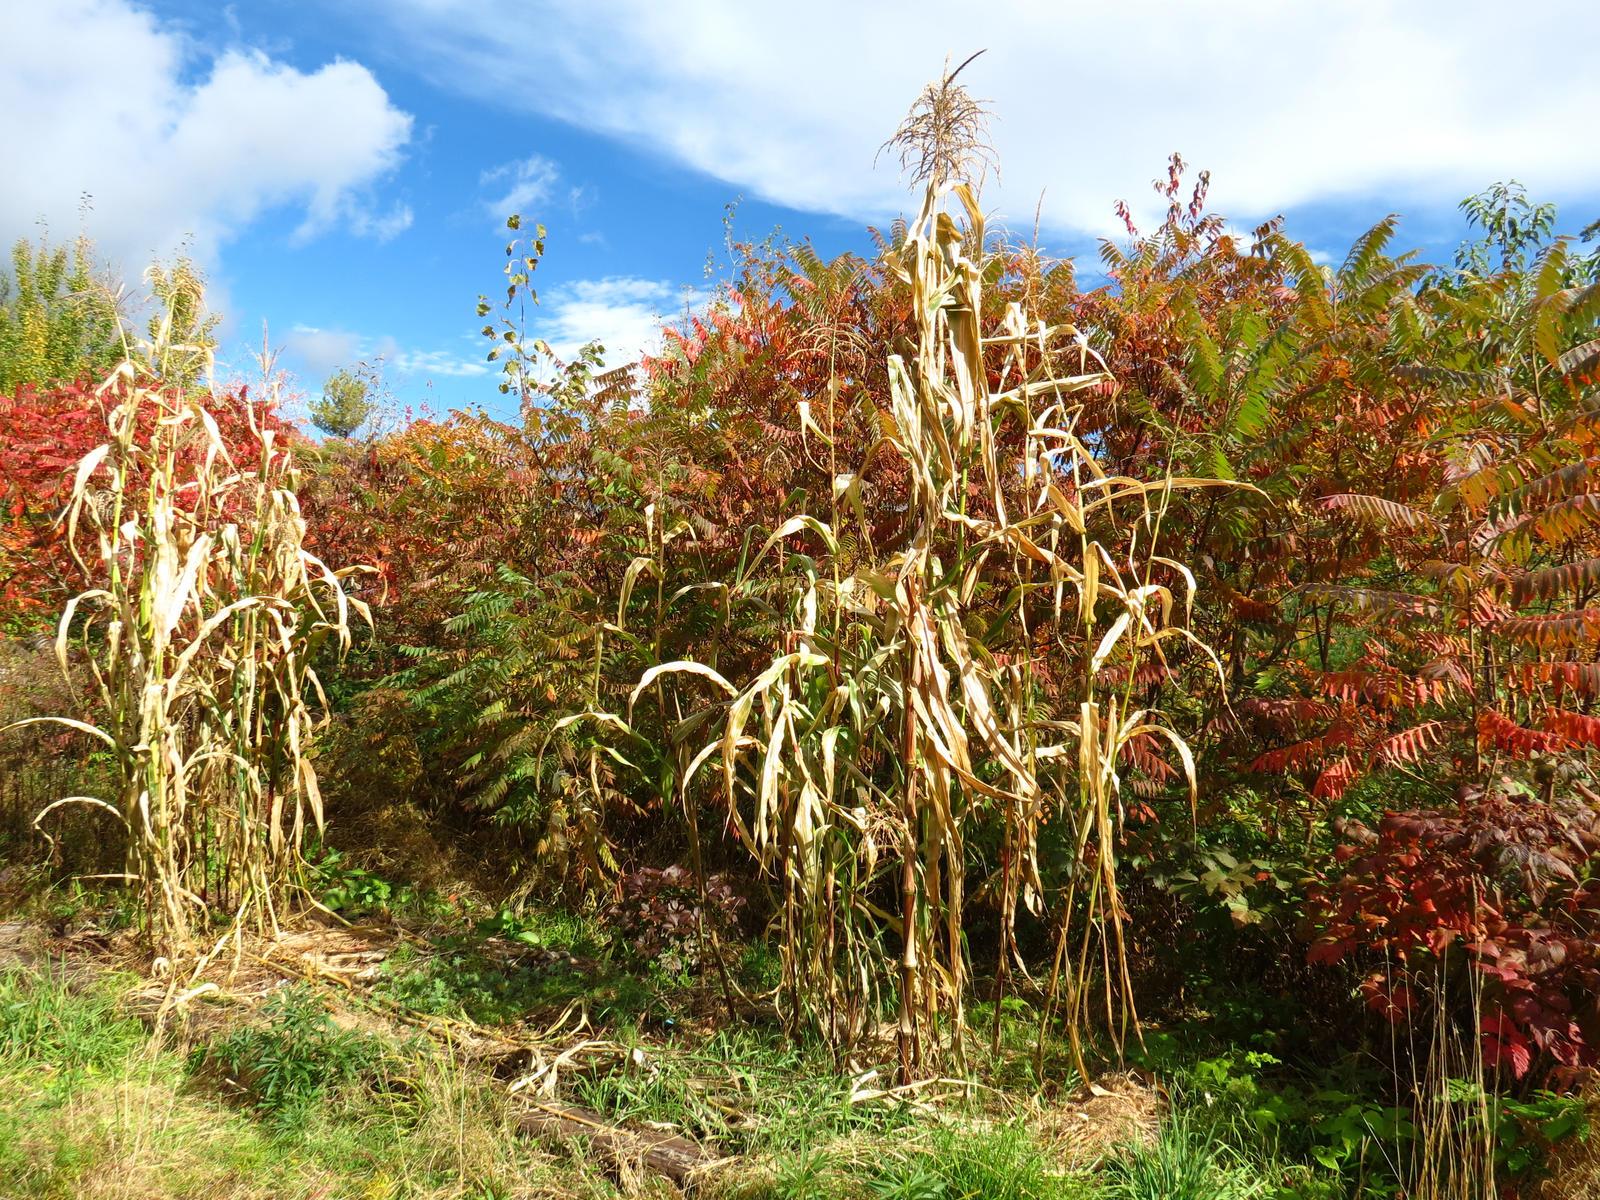 autumn cornstalks by sataikasia